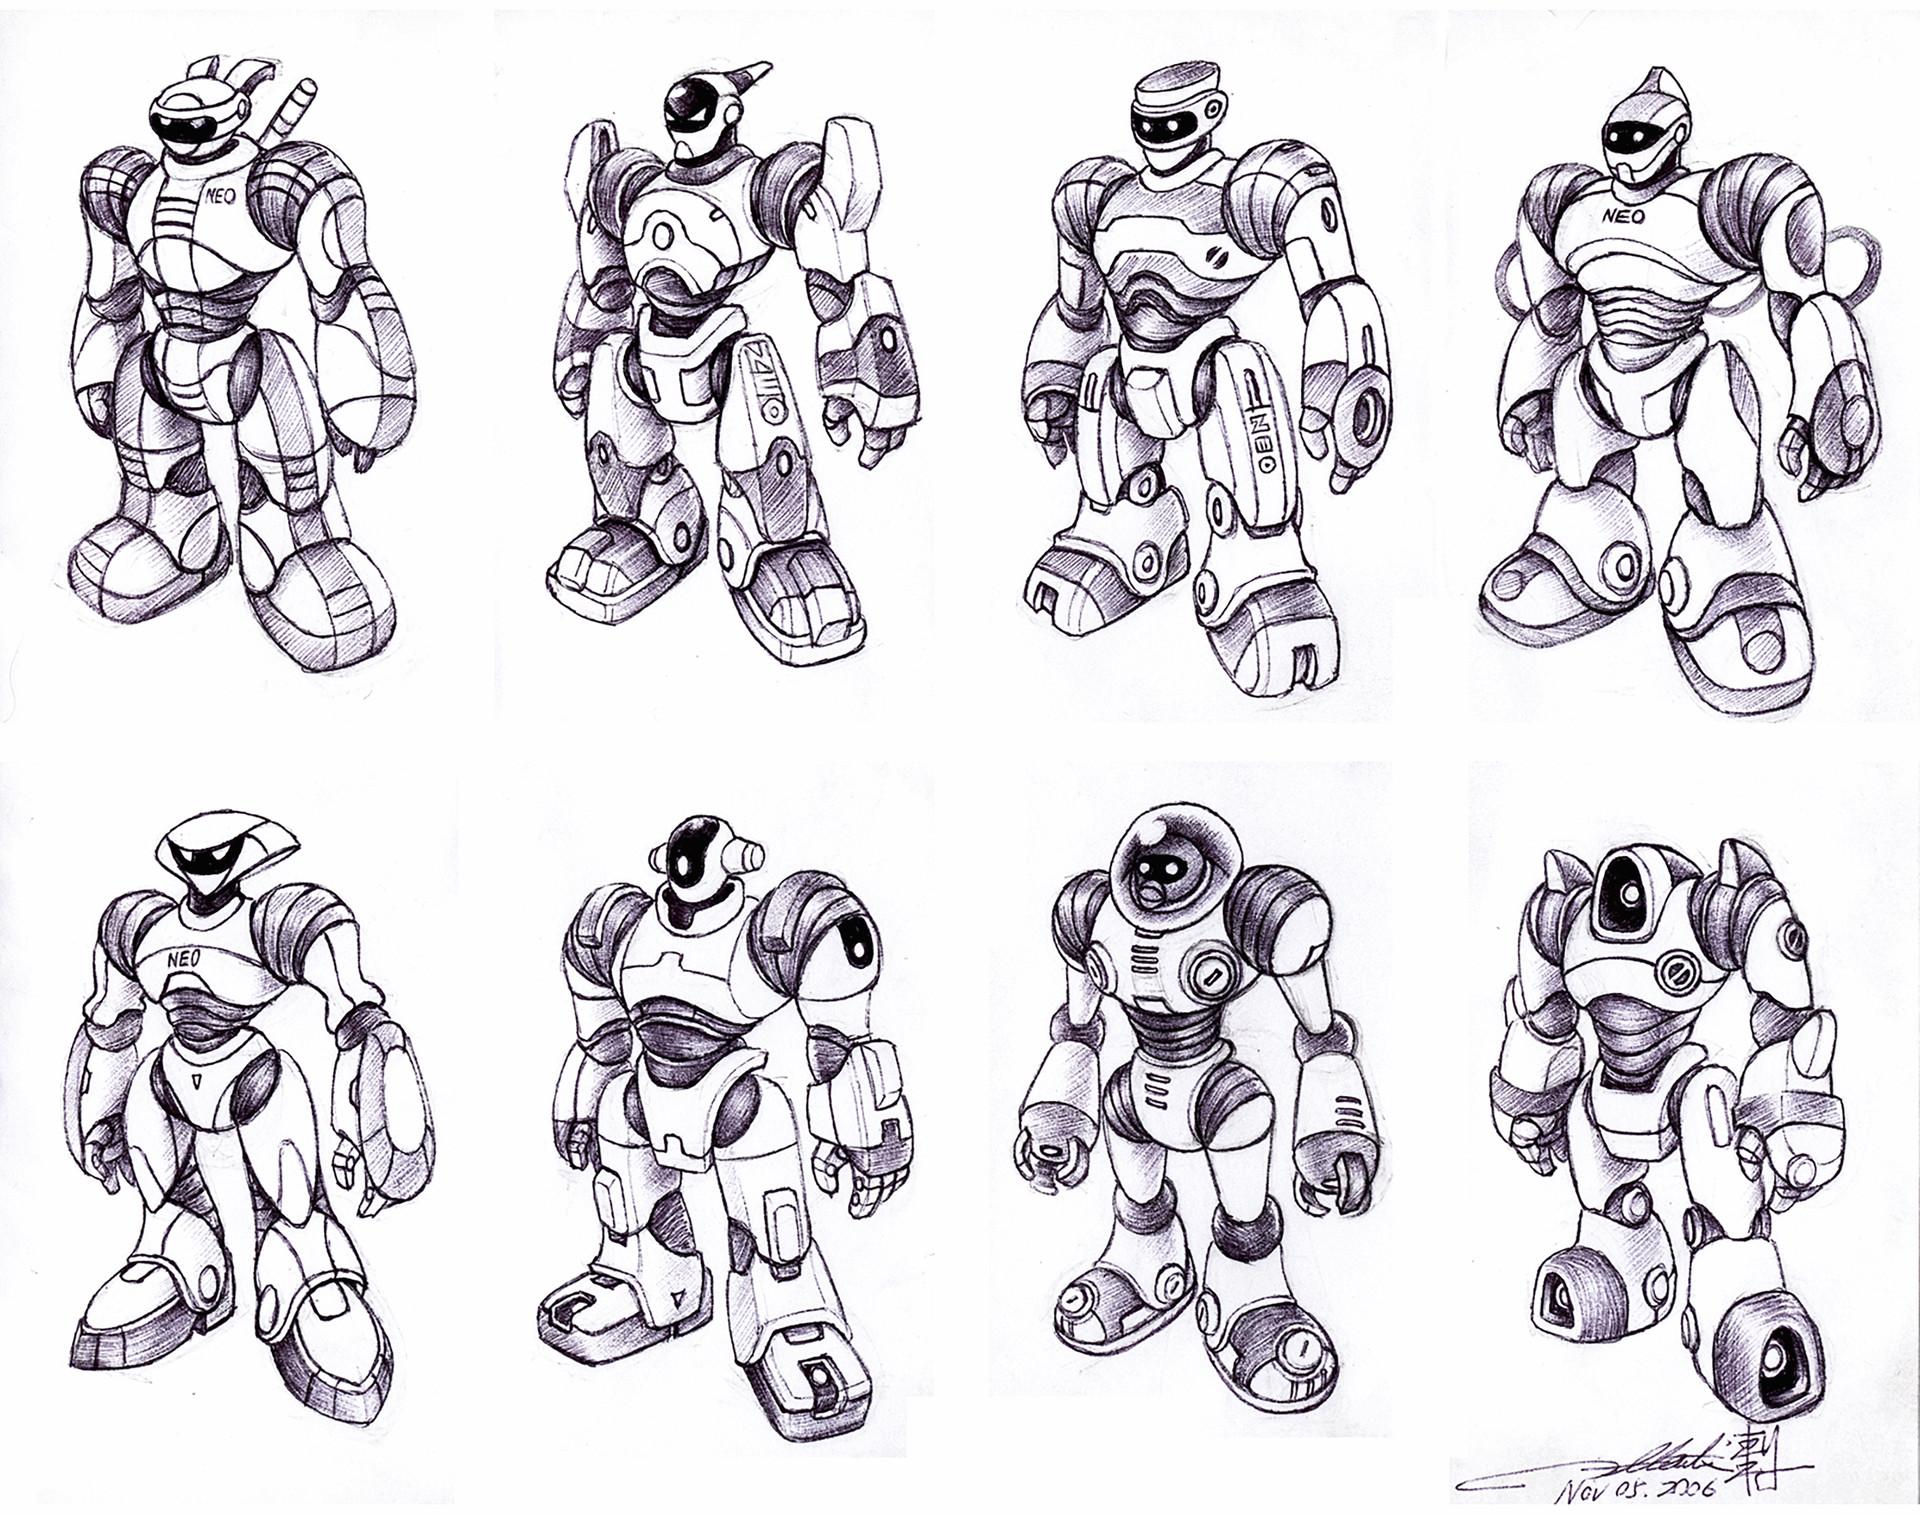 Humanoid Robotic Toy Concept II